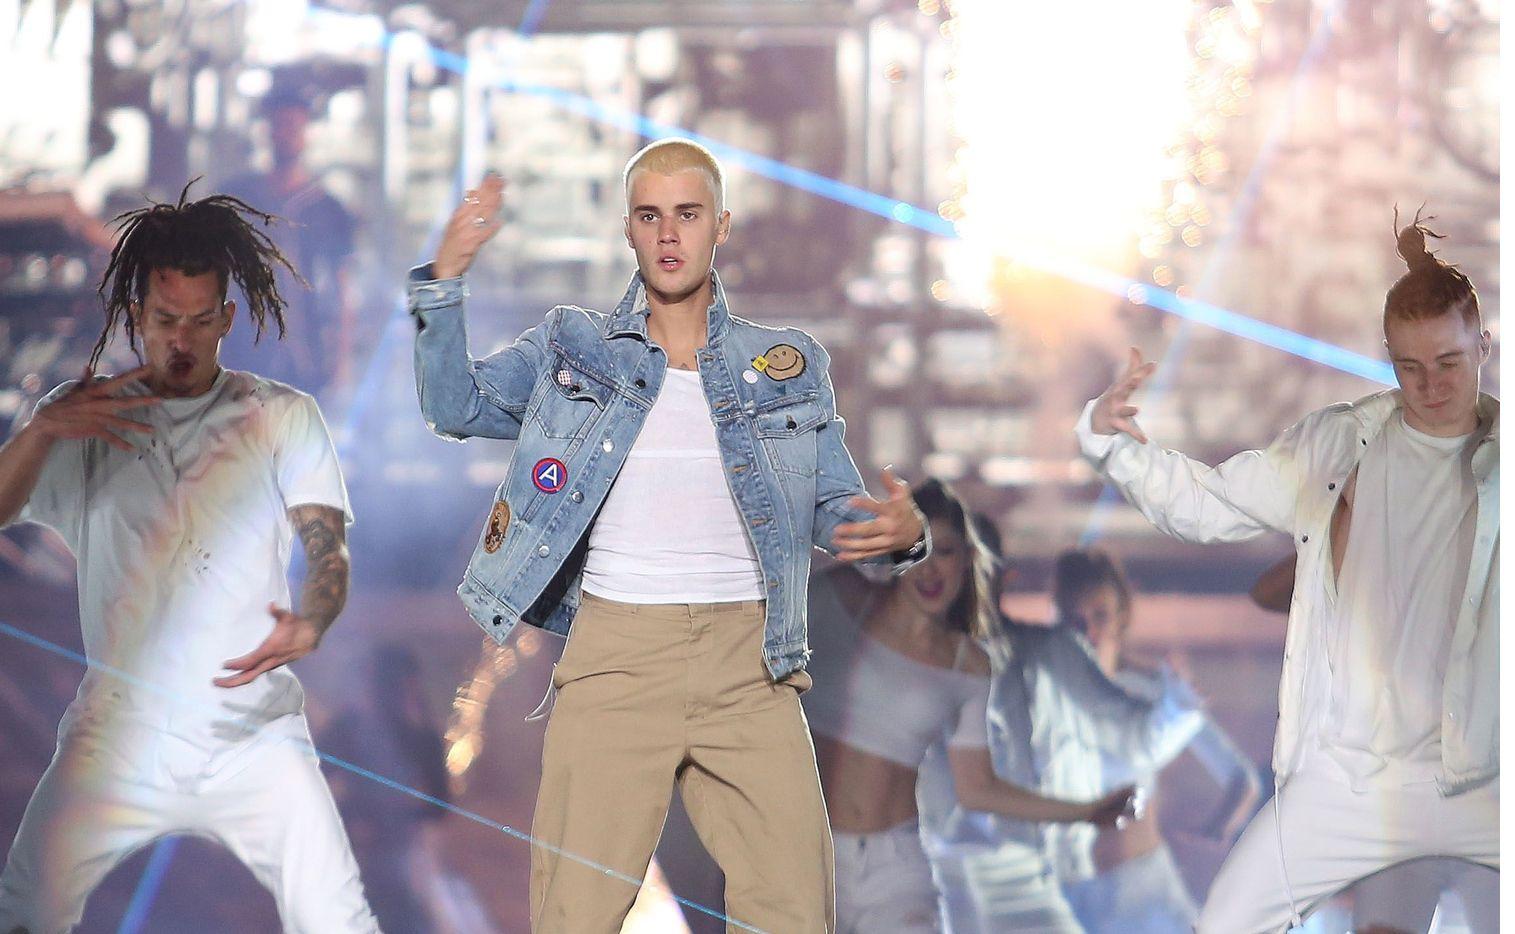 Justin Bieber (foto) abordó el tema durante una entrevista con Zane Lowe para la emisora Apple Music, donde reconoció que traicionó la confianza de ambas en muchas ocasiones.